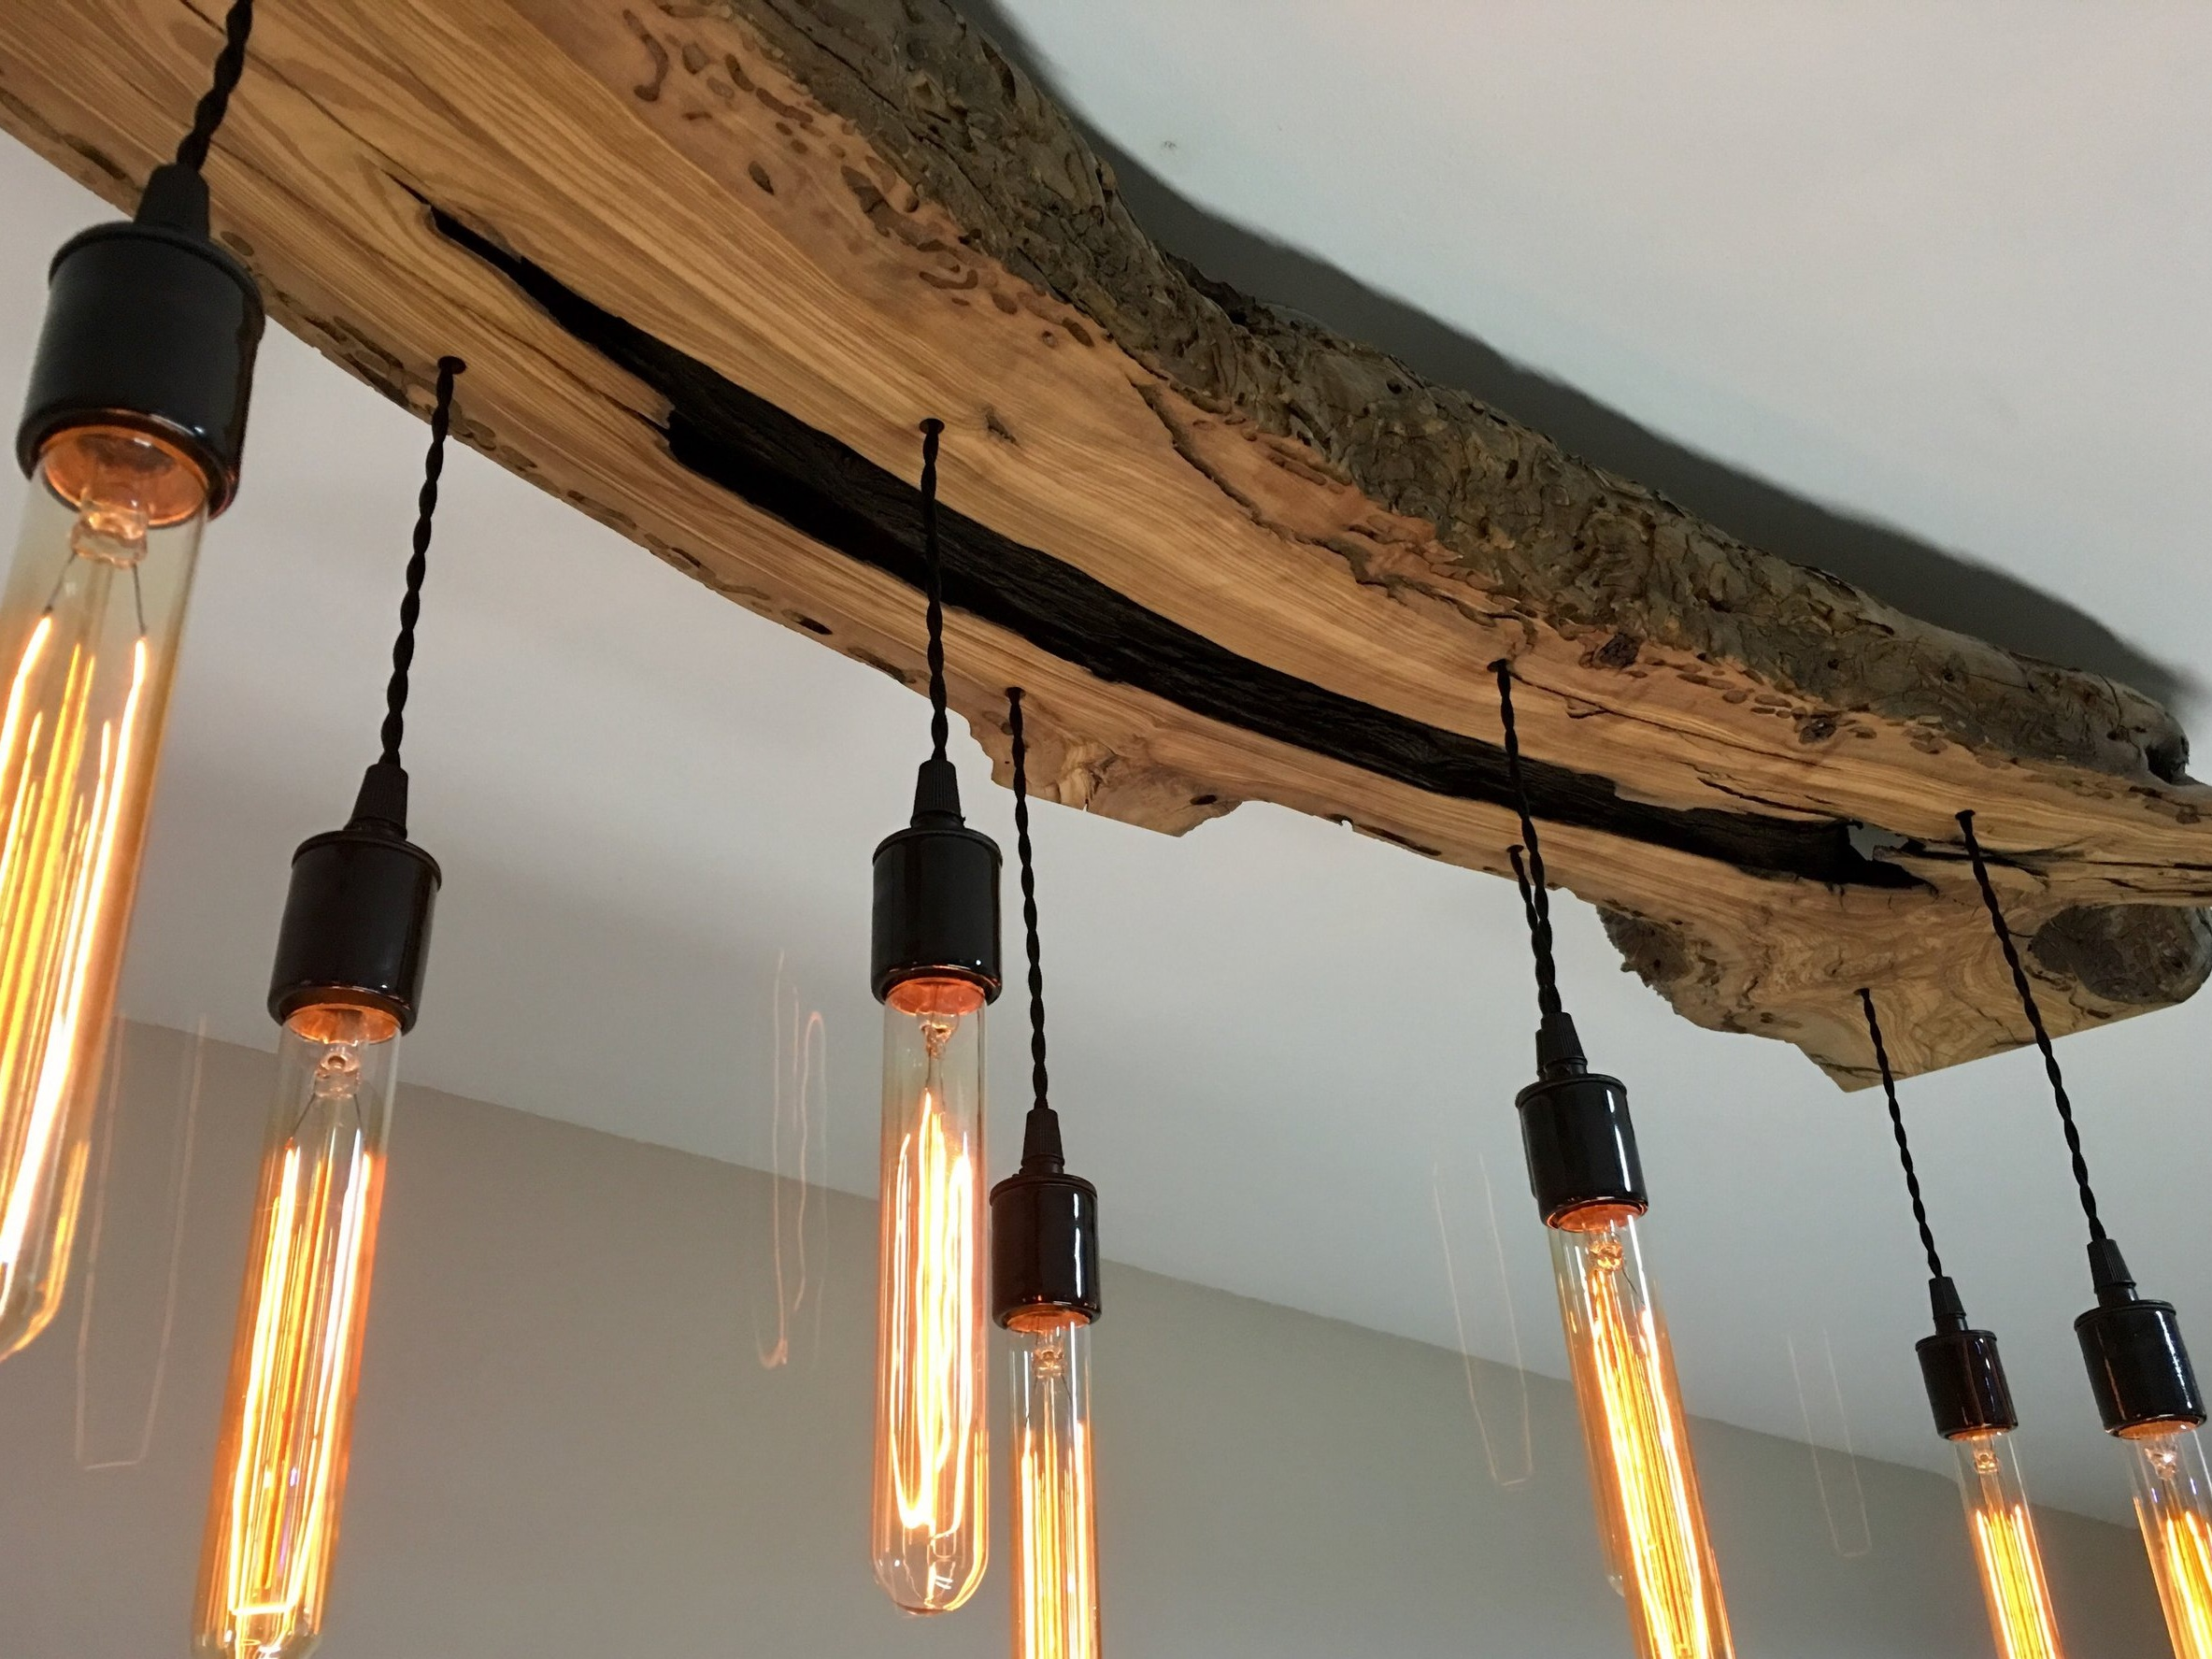 7m Woodworking Online Rustic Lighting